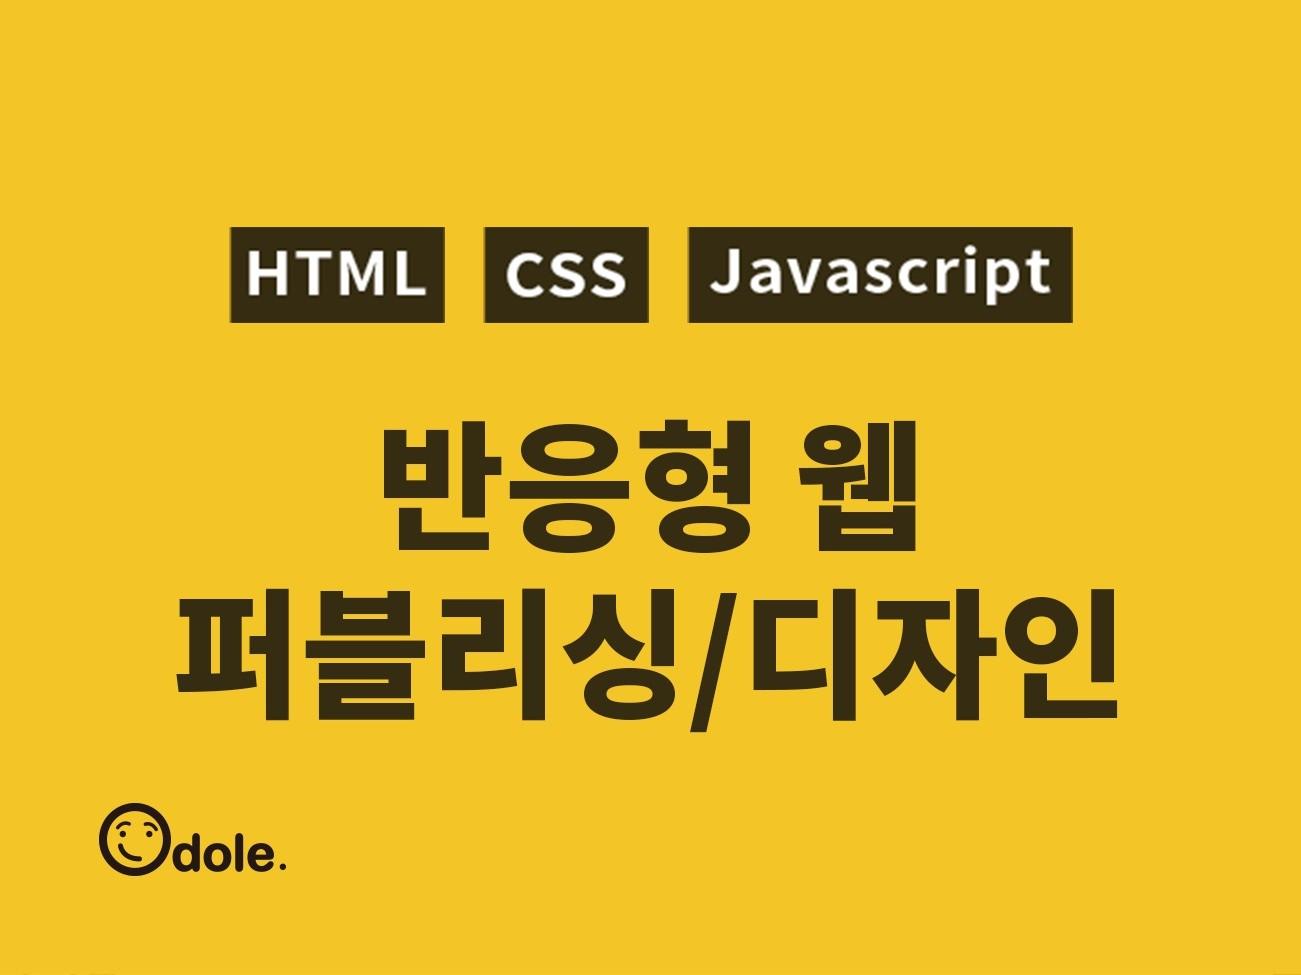 홈페이지 퍼블리싱 디자인 해 드립니다.